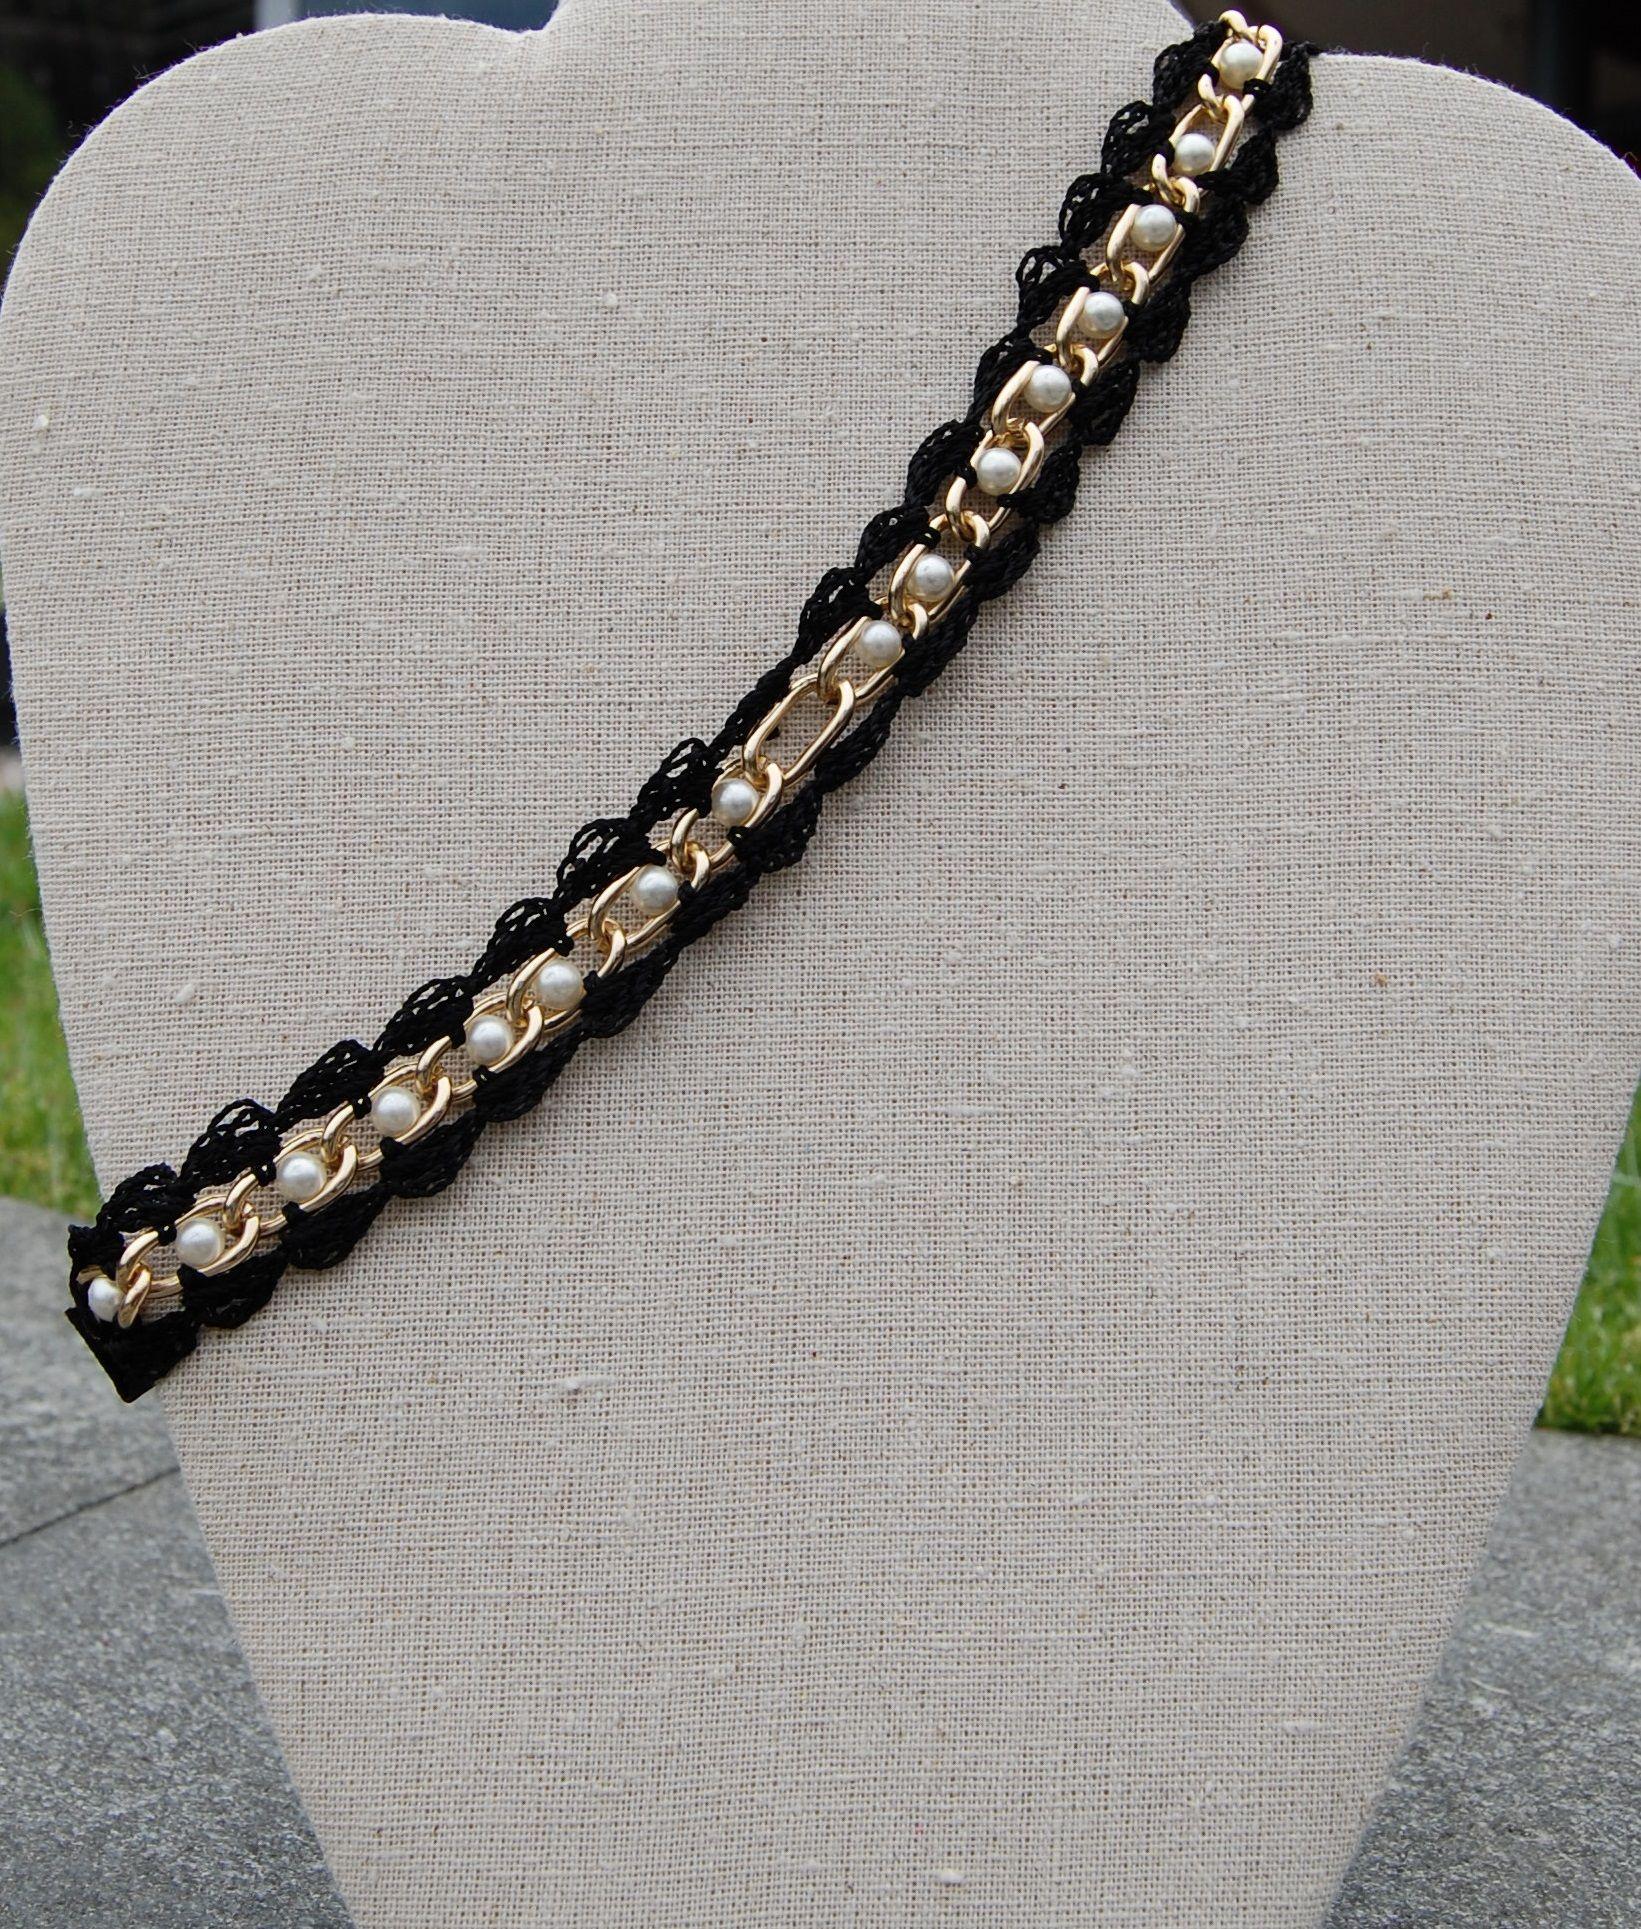 Banda para el cabello tejida con cadena dorada y perlas $69.00